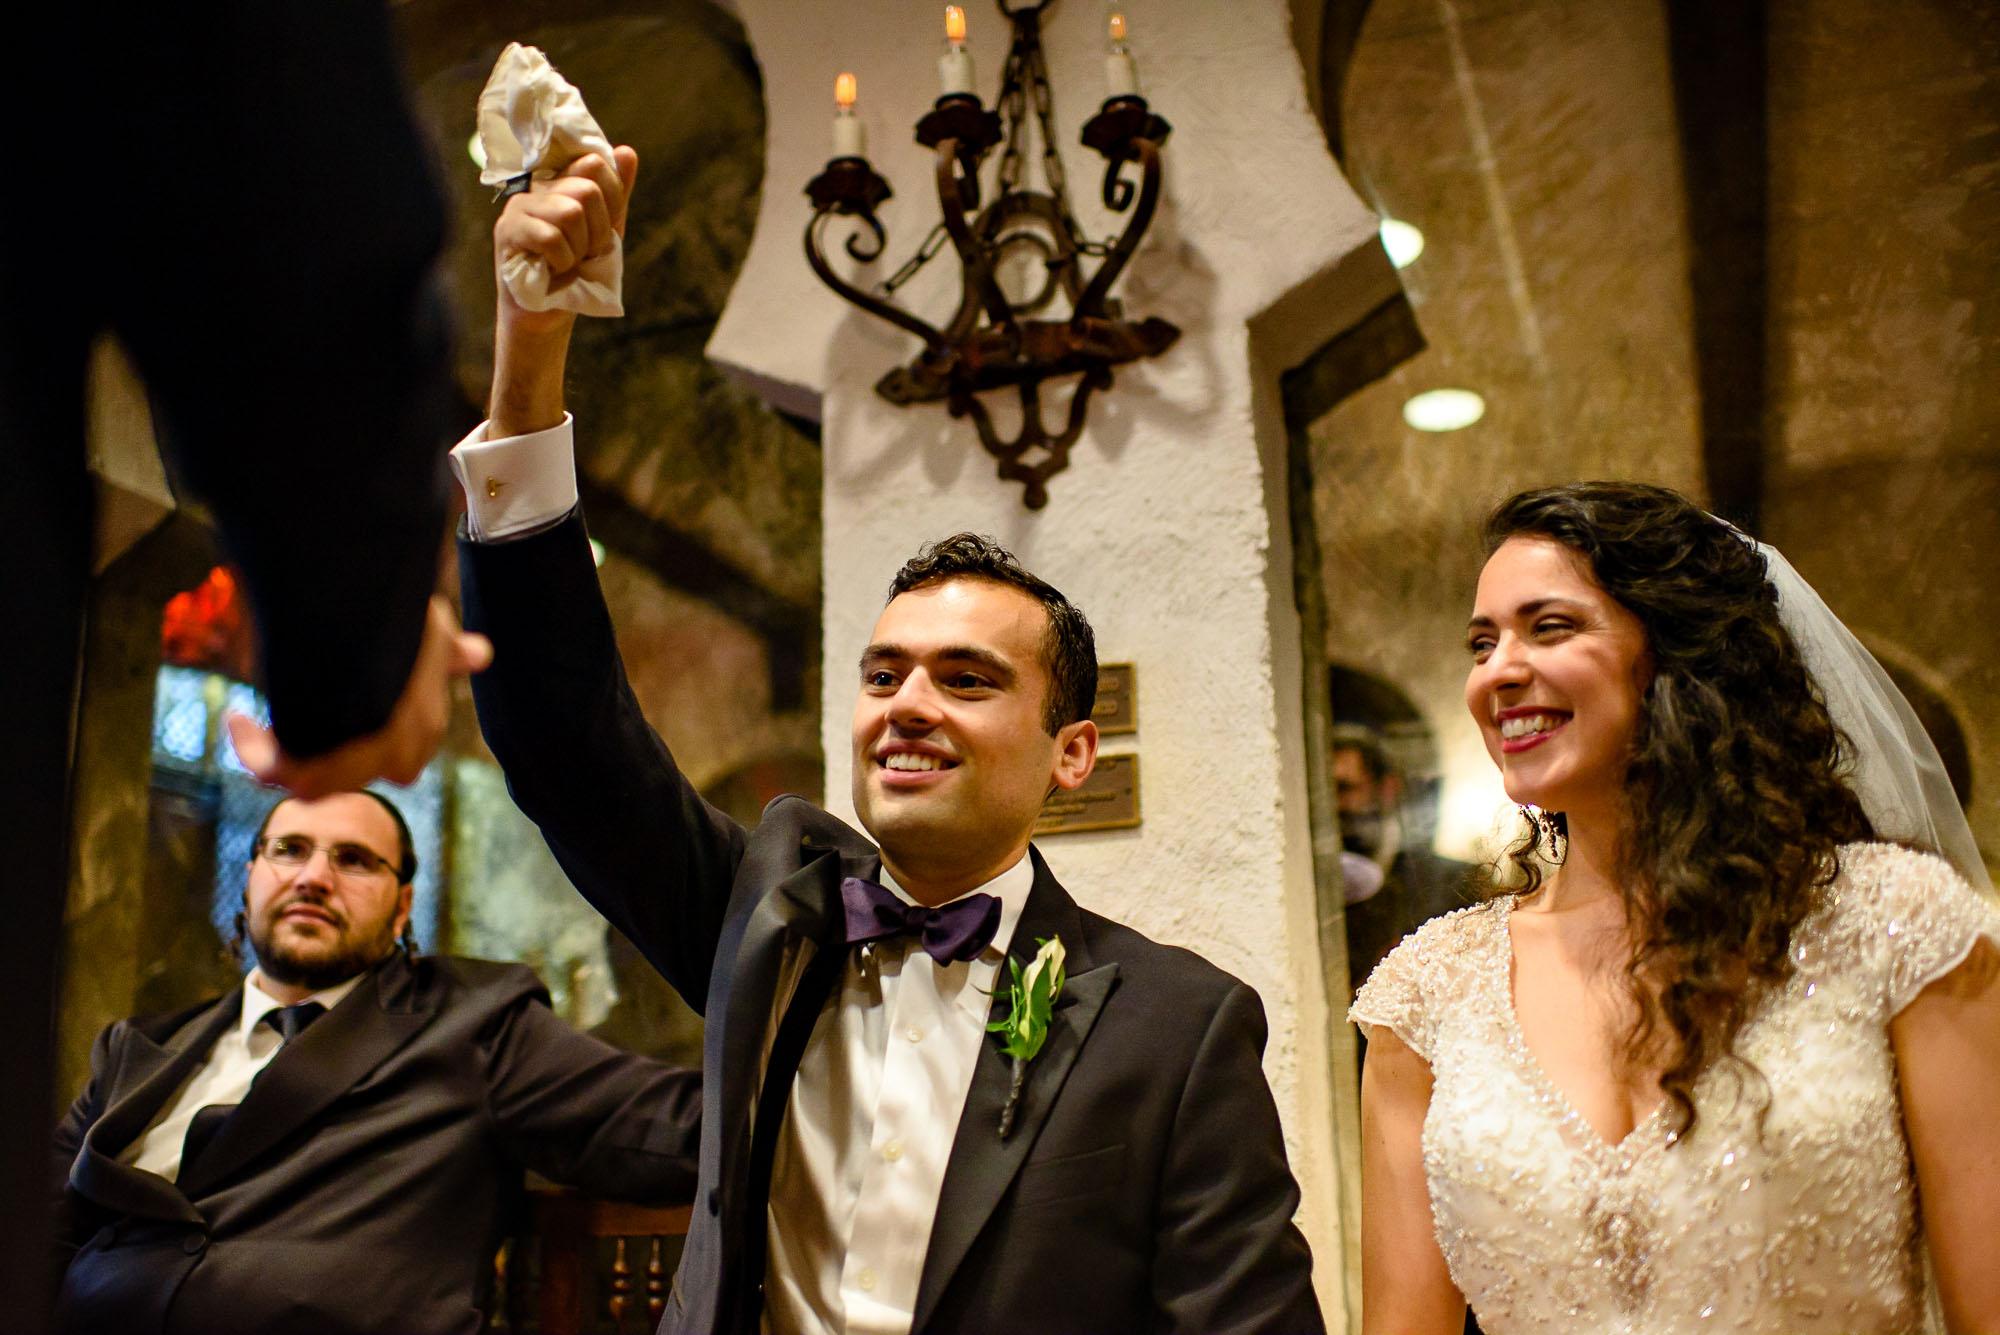 The Sephardic Temple wedding Ketubah signing